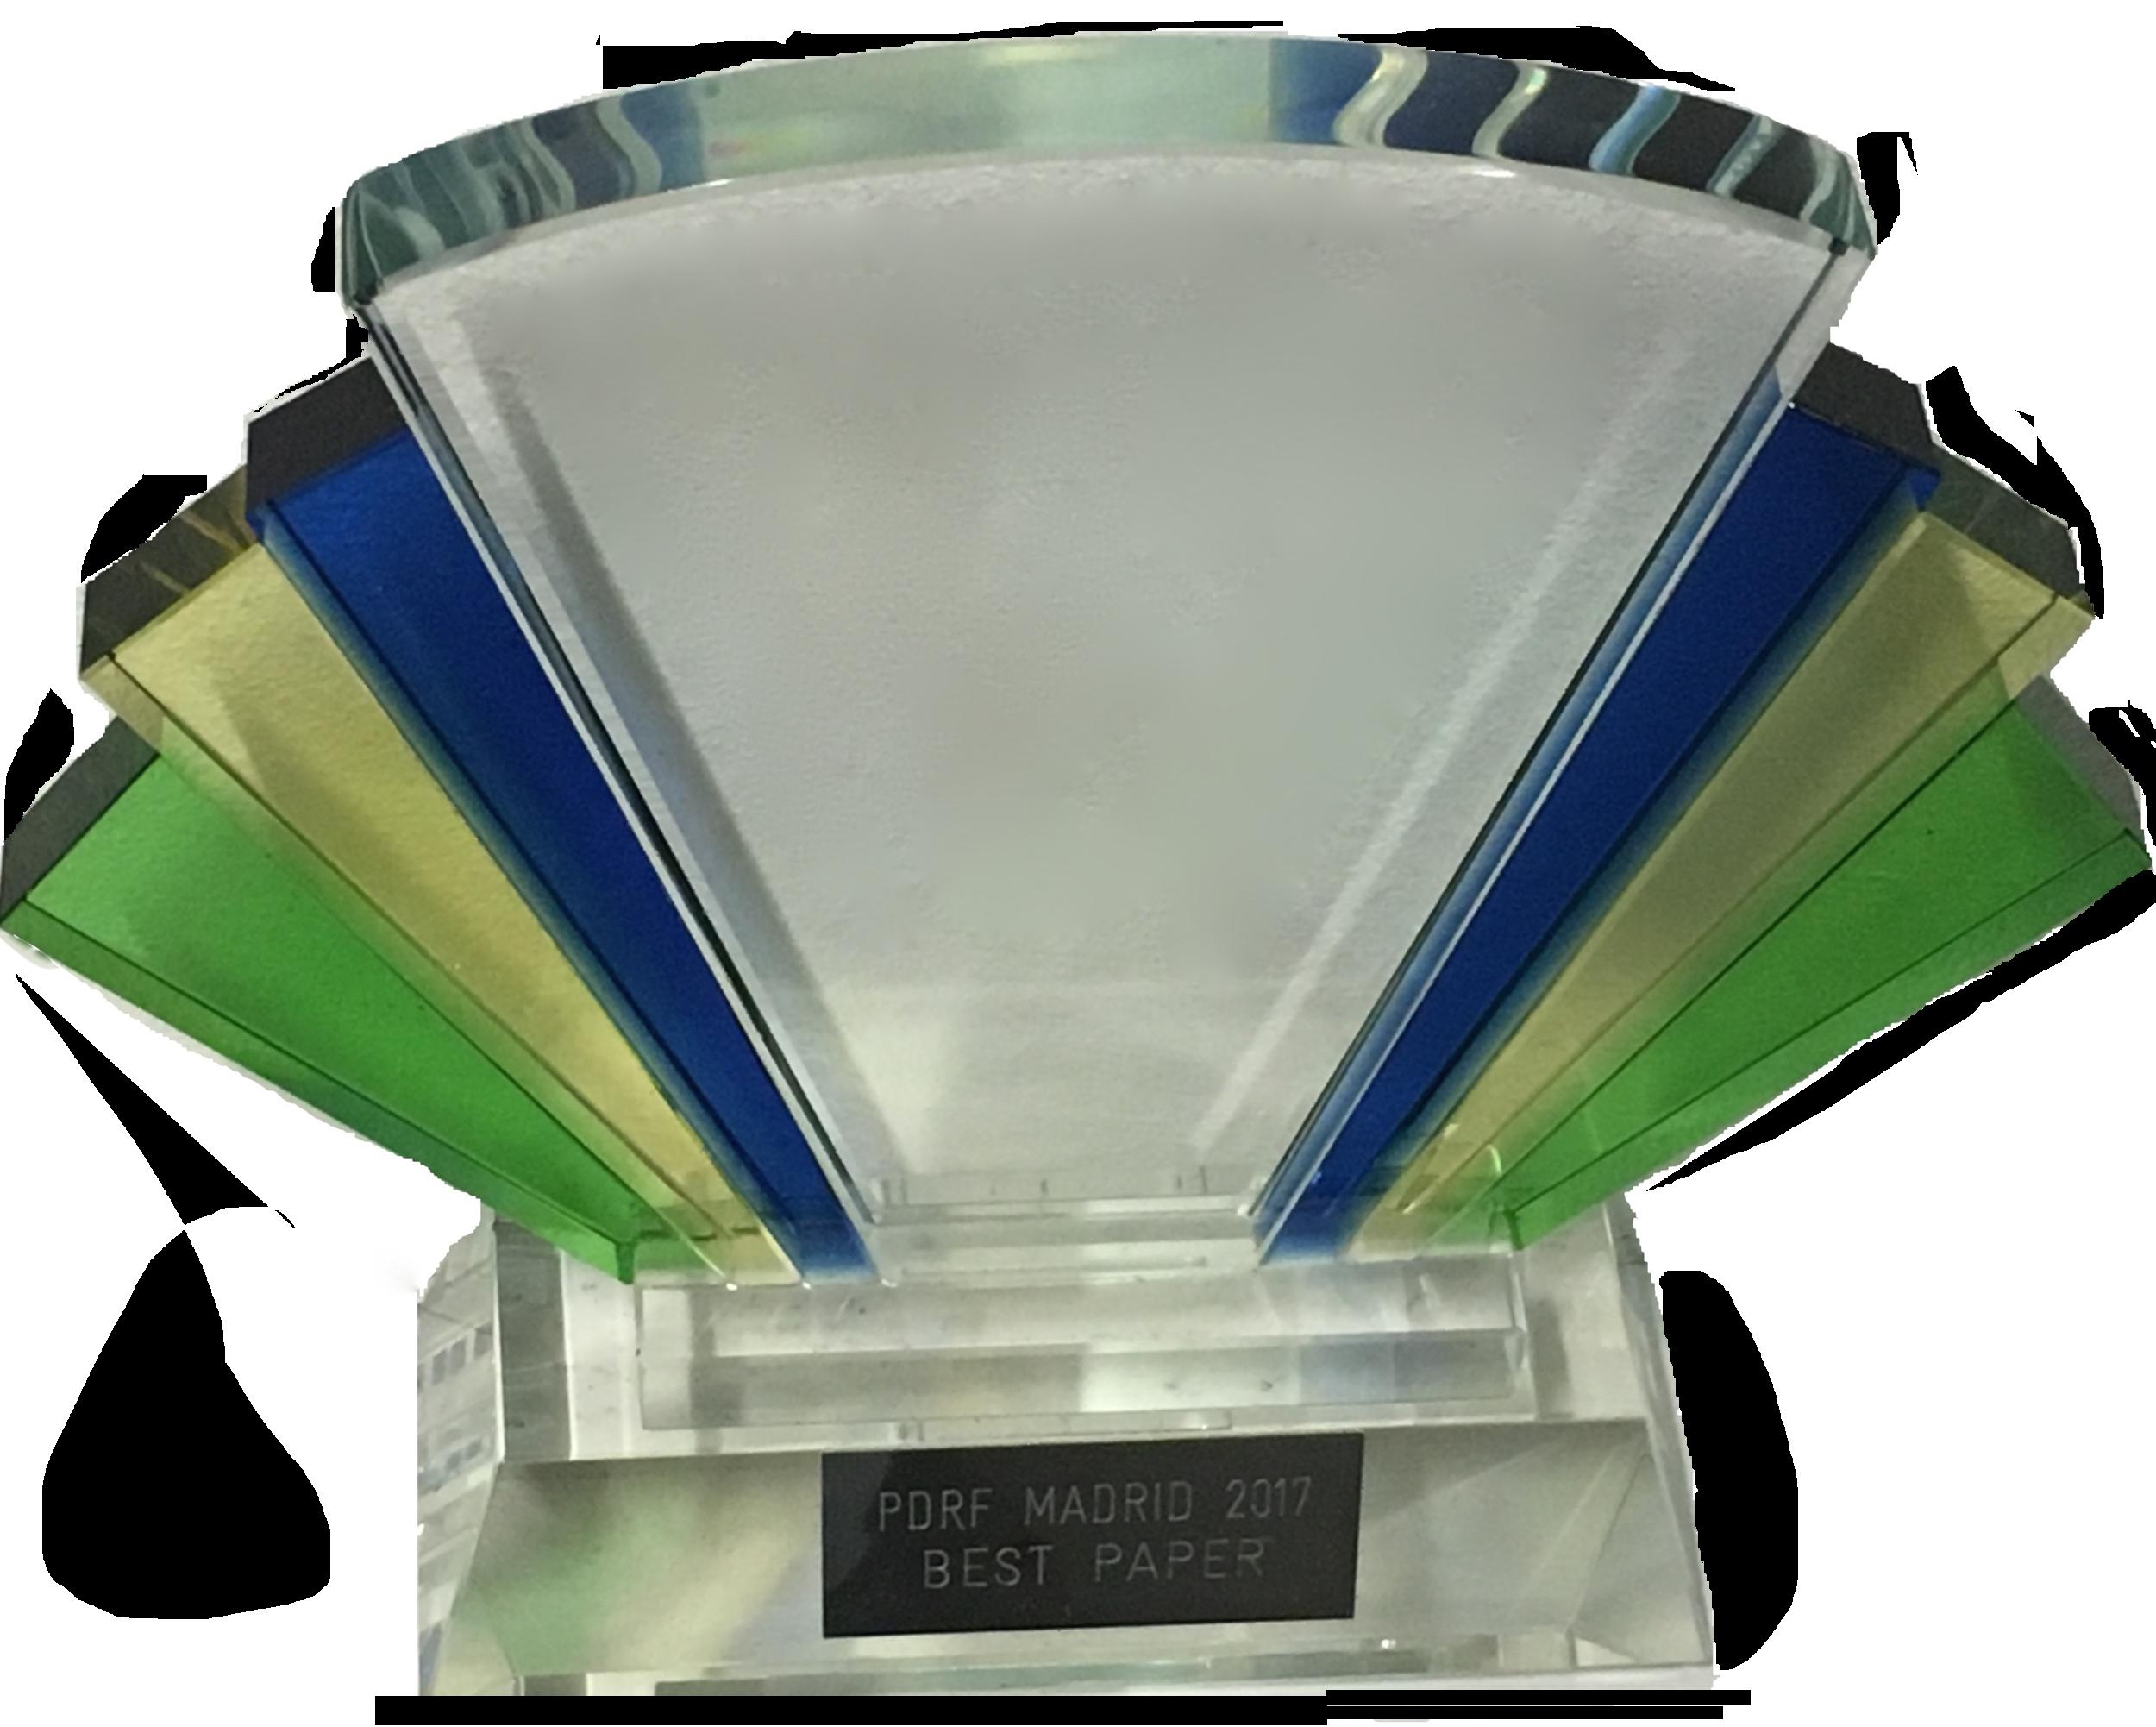 pdrf award1.png